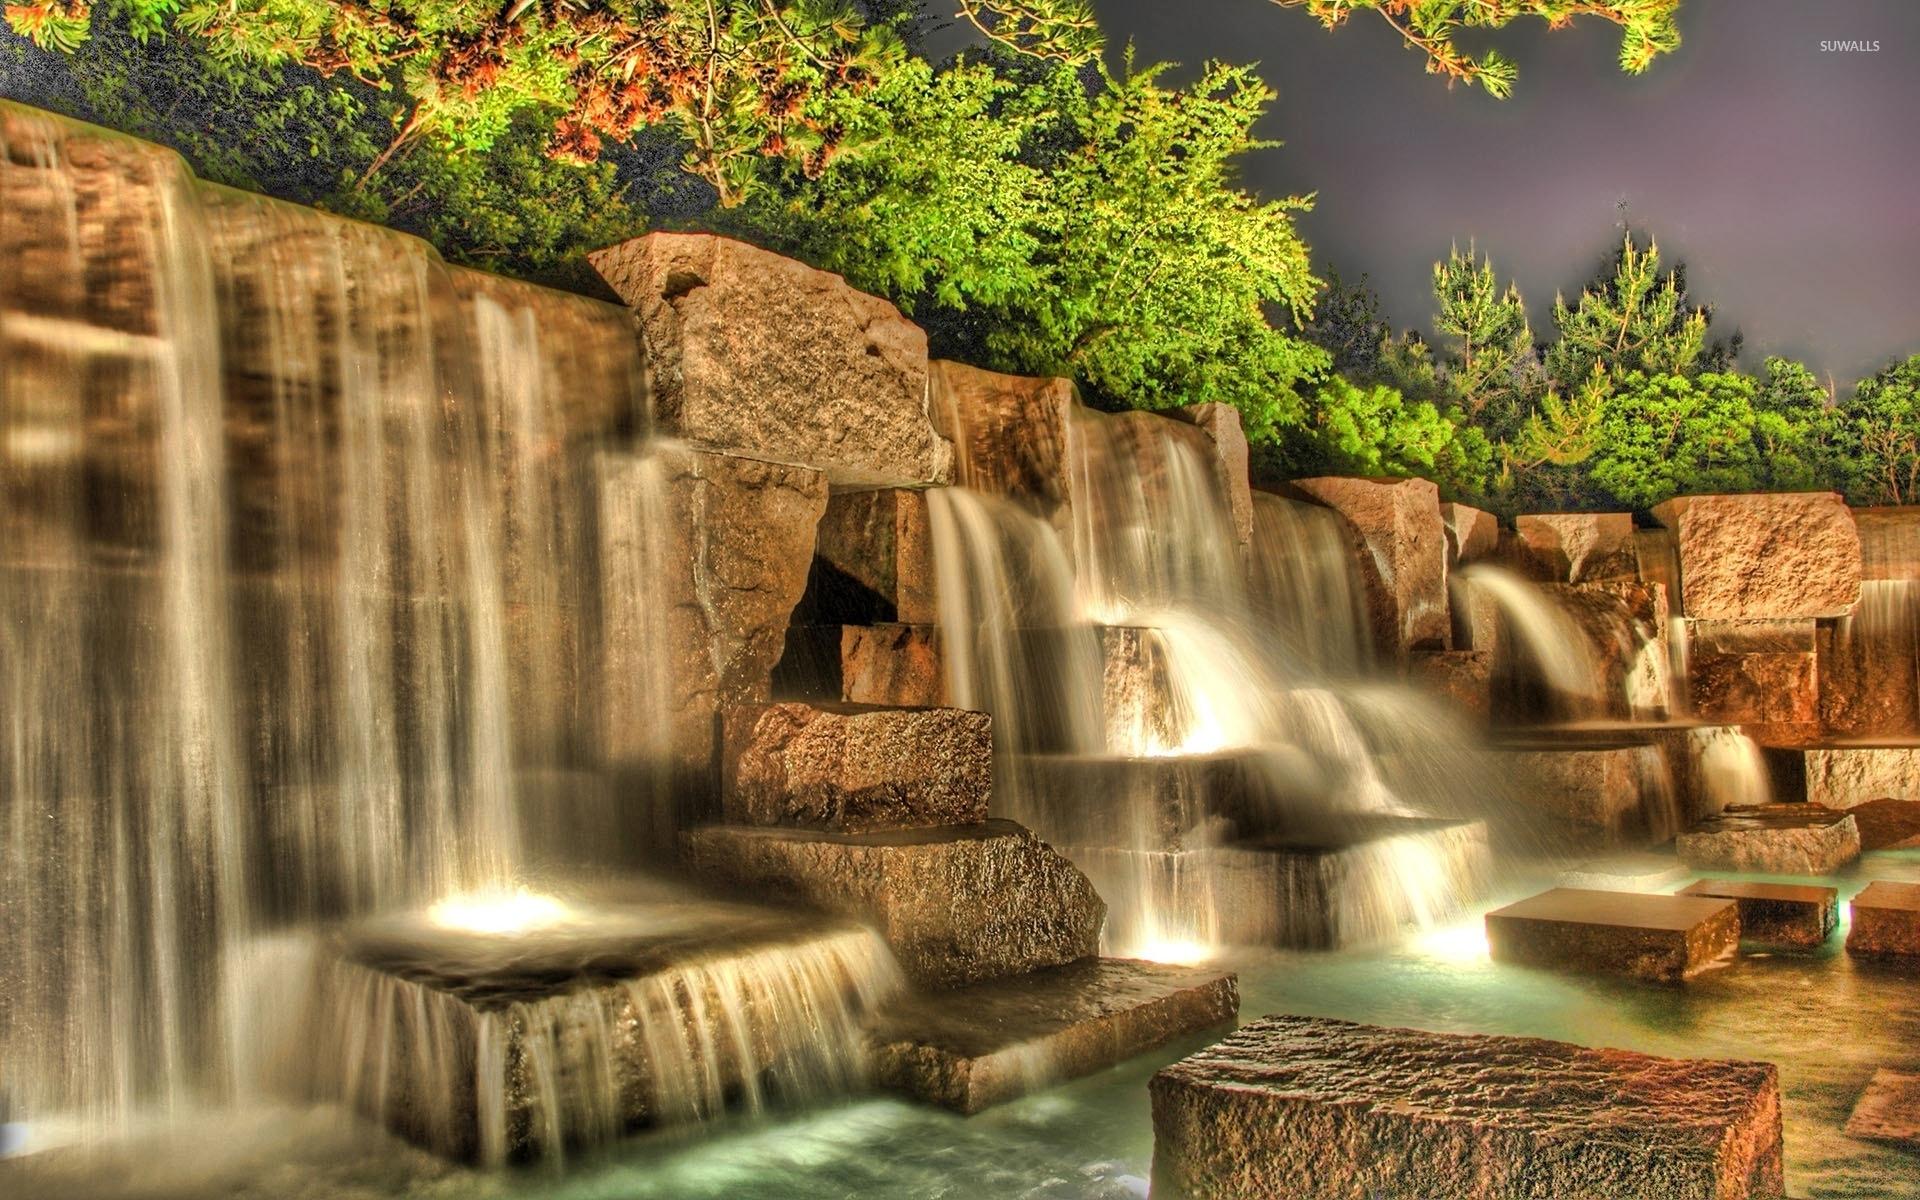 водопад водоем waterfall the pond  № 736683 бесплатно